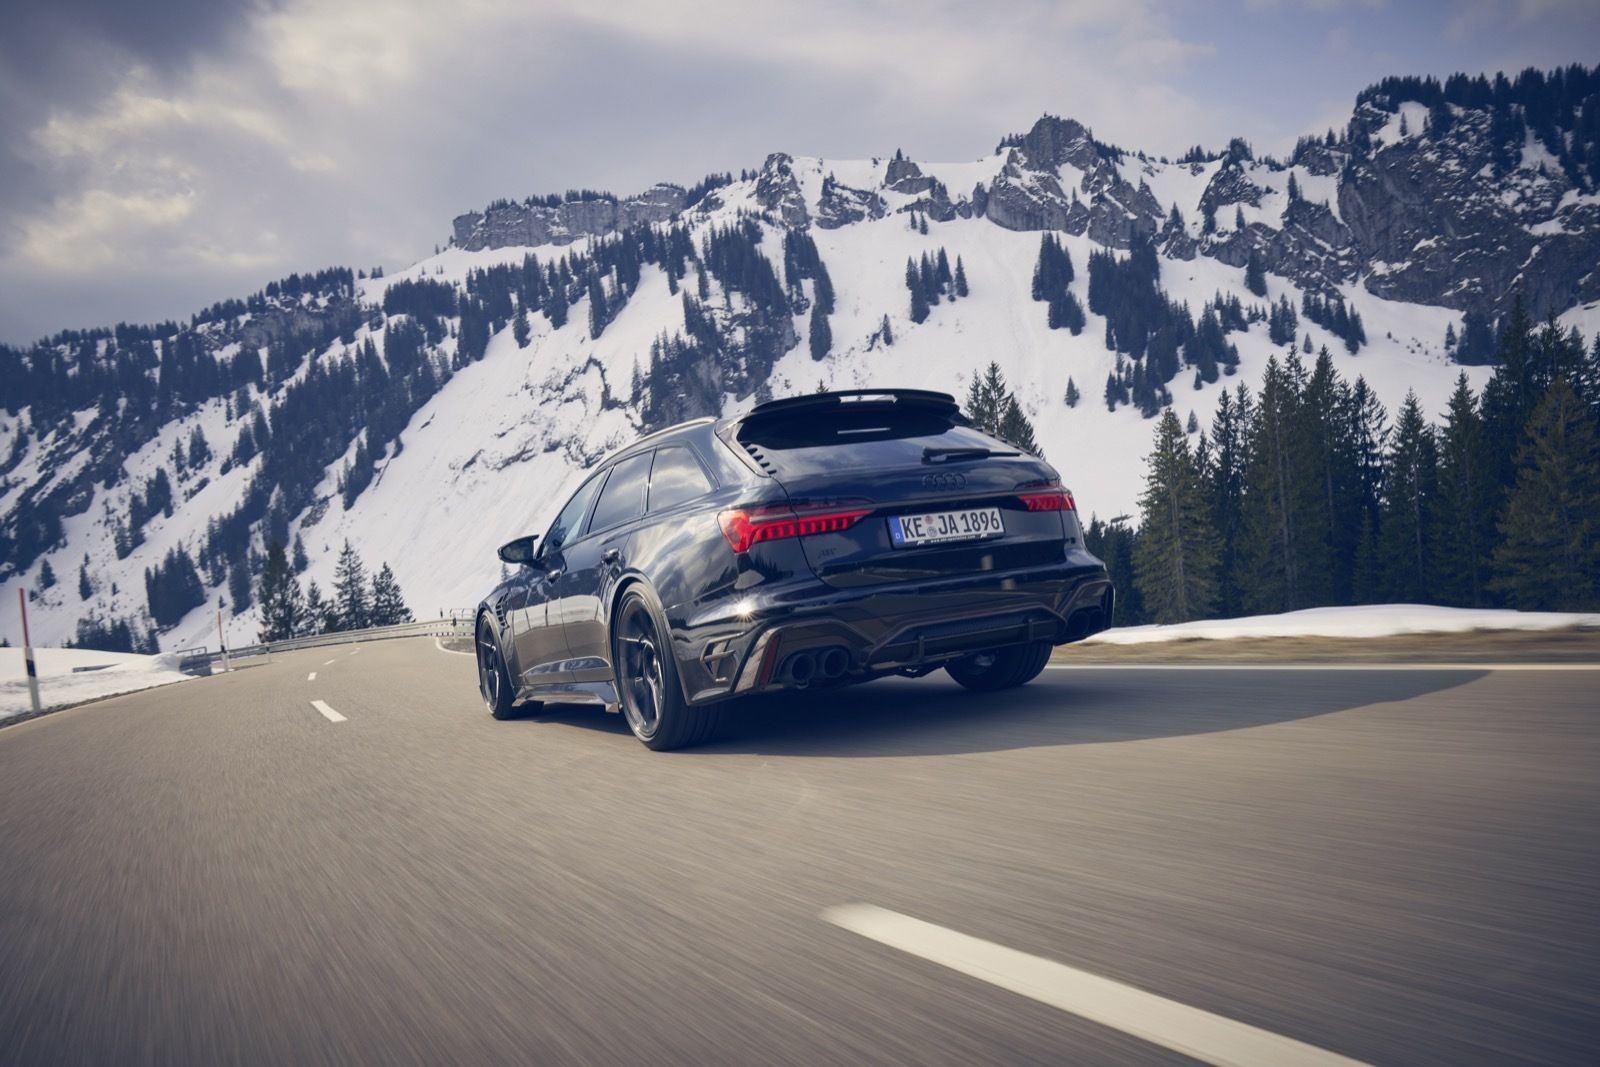 Audi_RS6_Johann_Abt_Signature_Edition-0015